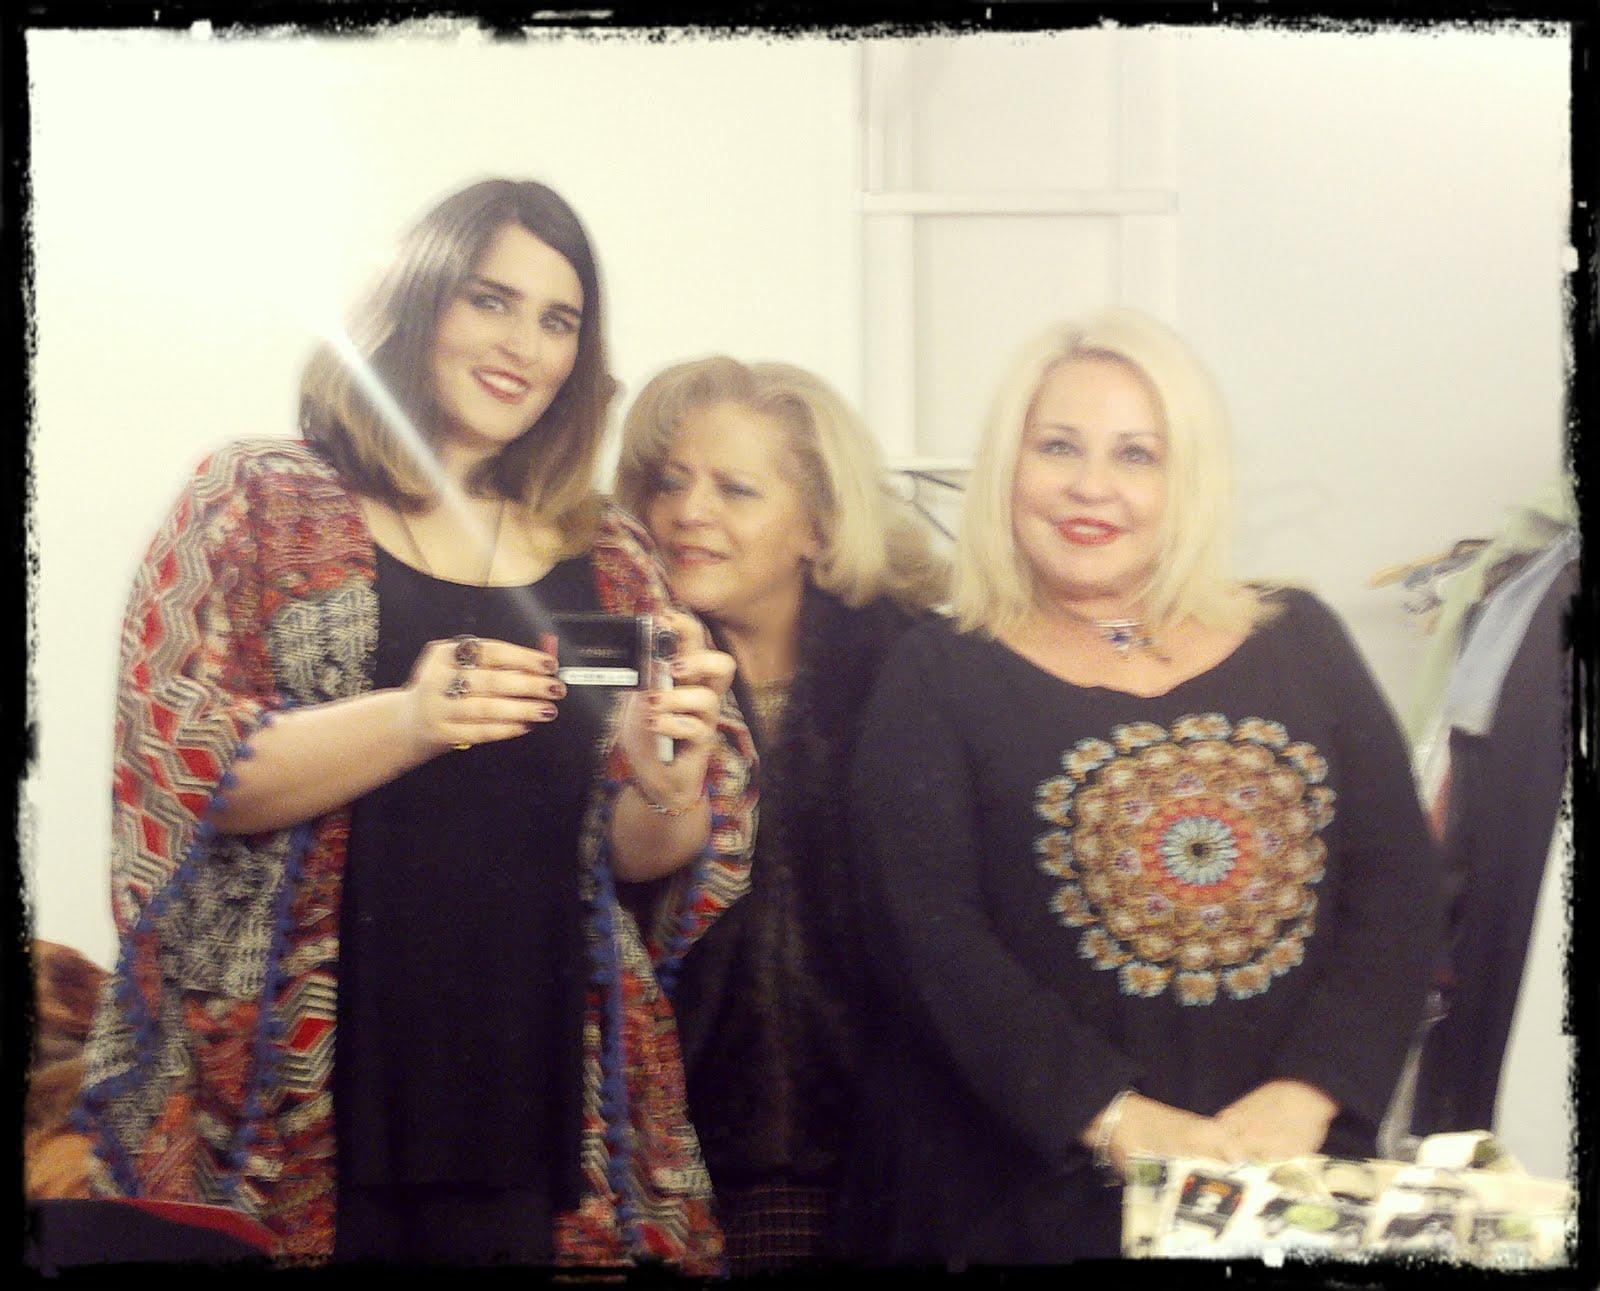 Με Μπέσσυ Αργυράκη και Εβελίνα Νικόλιζα